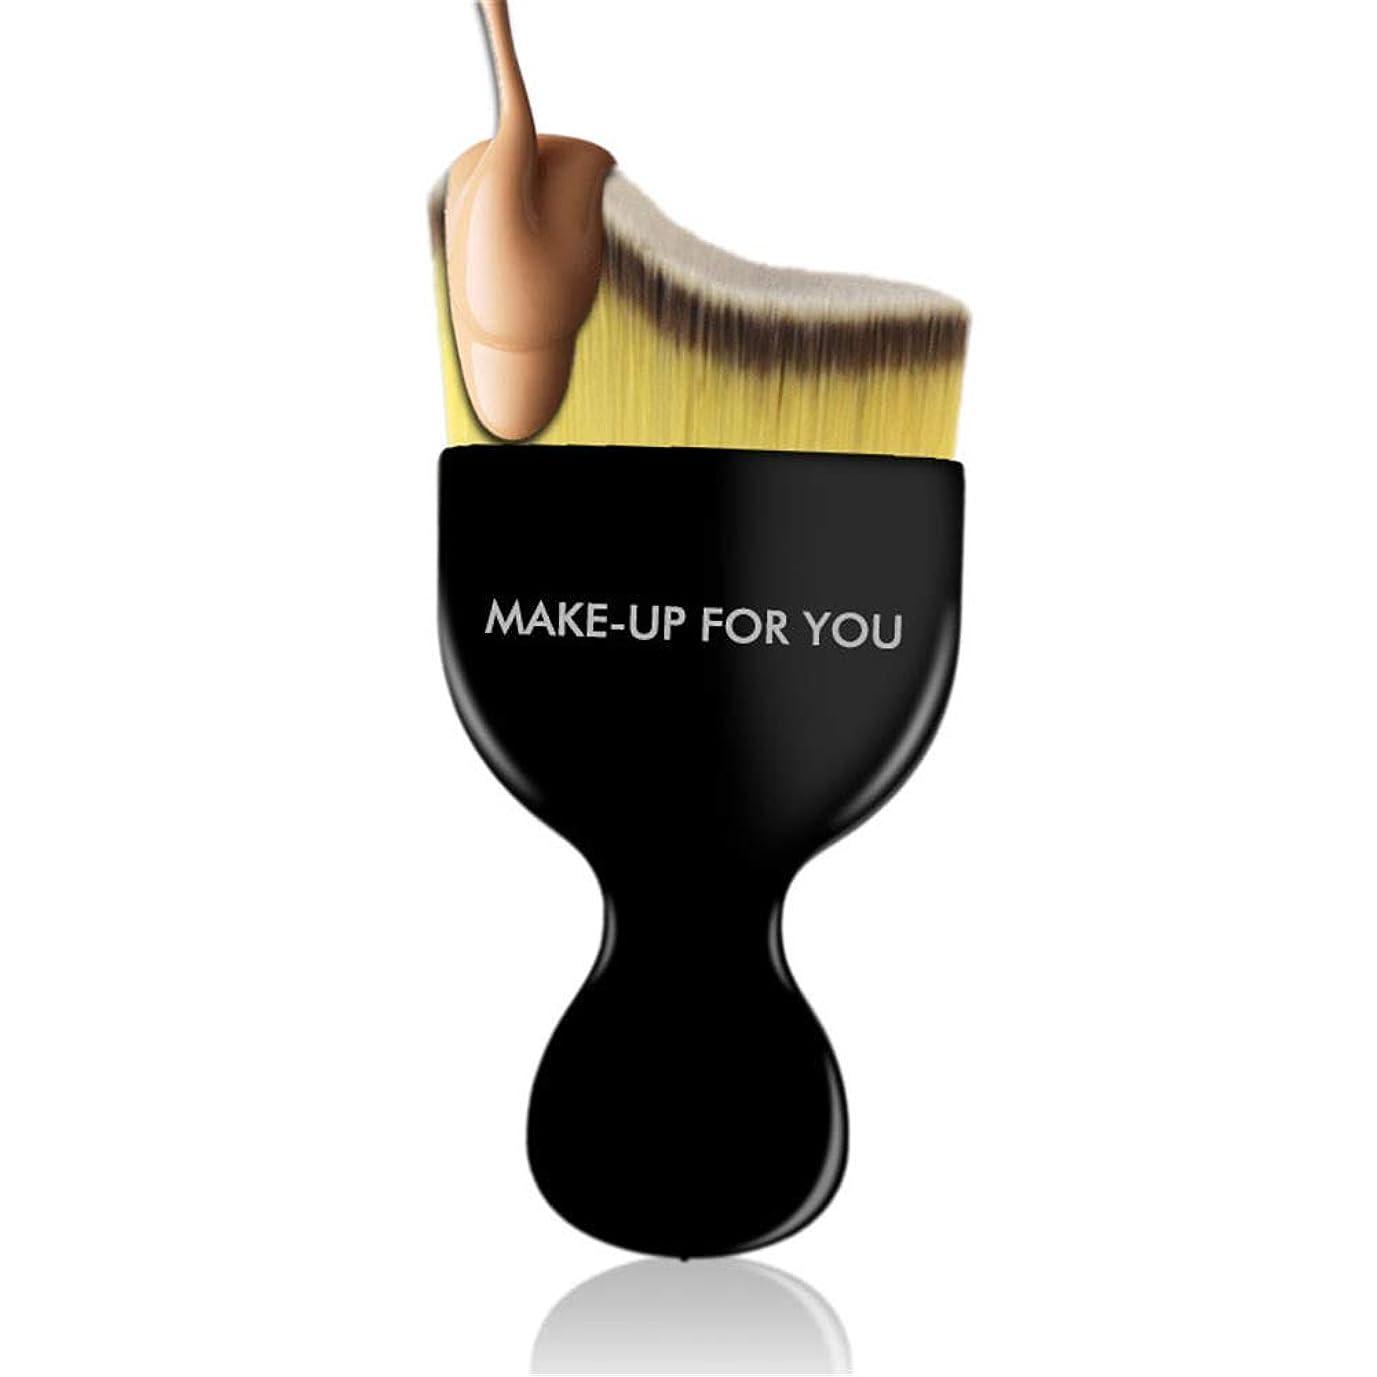 消費デッキ型PUレザー化粧筆ーチ スタイリッシュなスタイル2ピース化粧ブラシツール化粧ブラシ繊維ファンデーションブラシフェイスメイクブラシ 柔らかくまた滑らかで